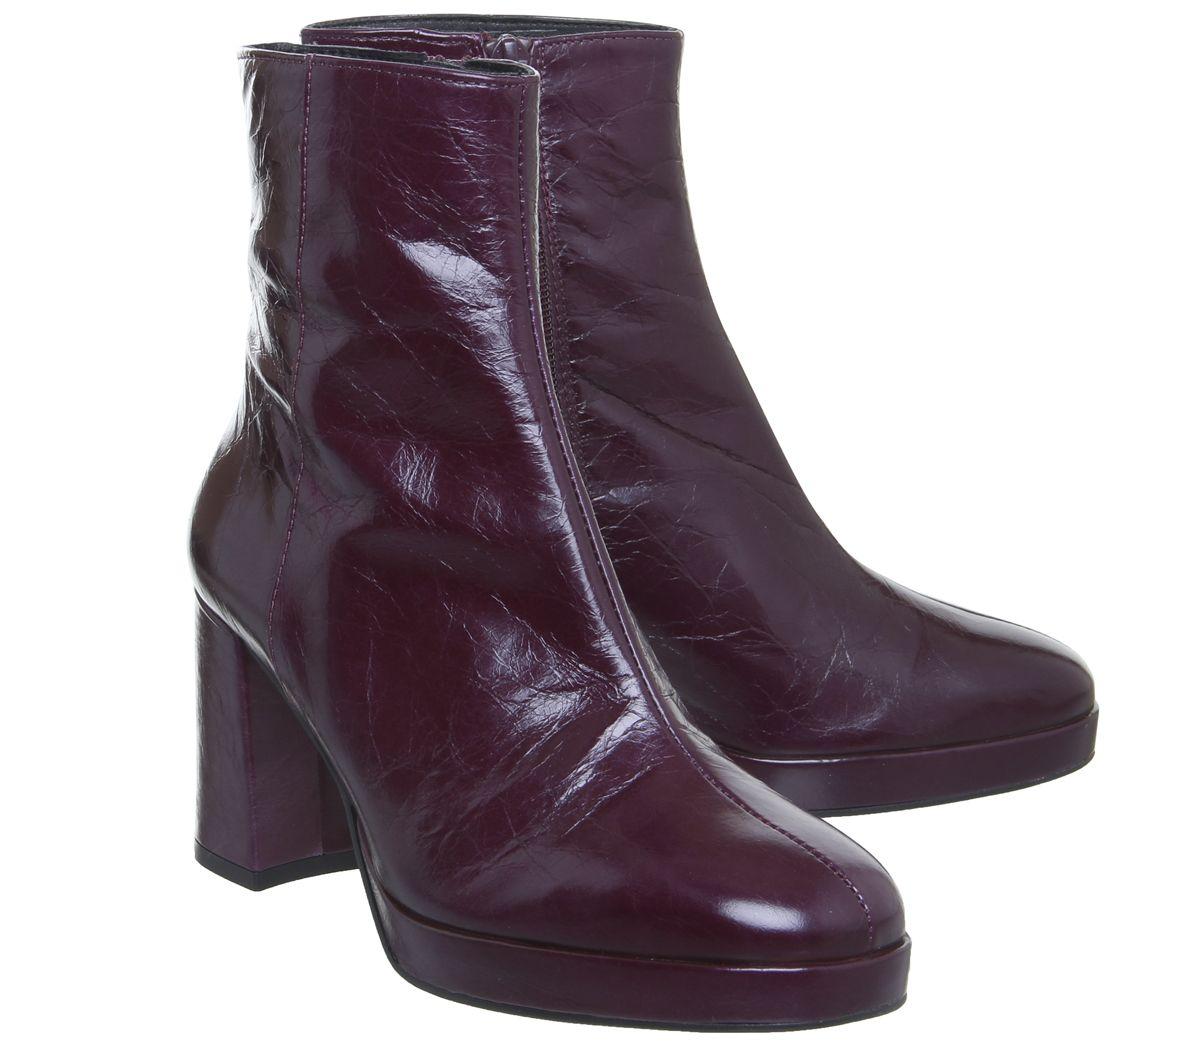 Femme Bureau Aquarius Bas bottes compensées bordeaux Bottes en cuir